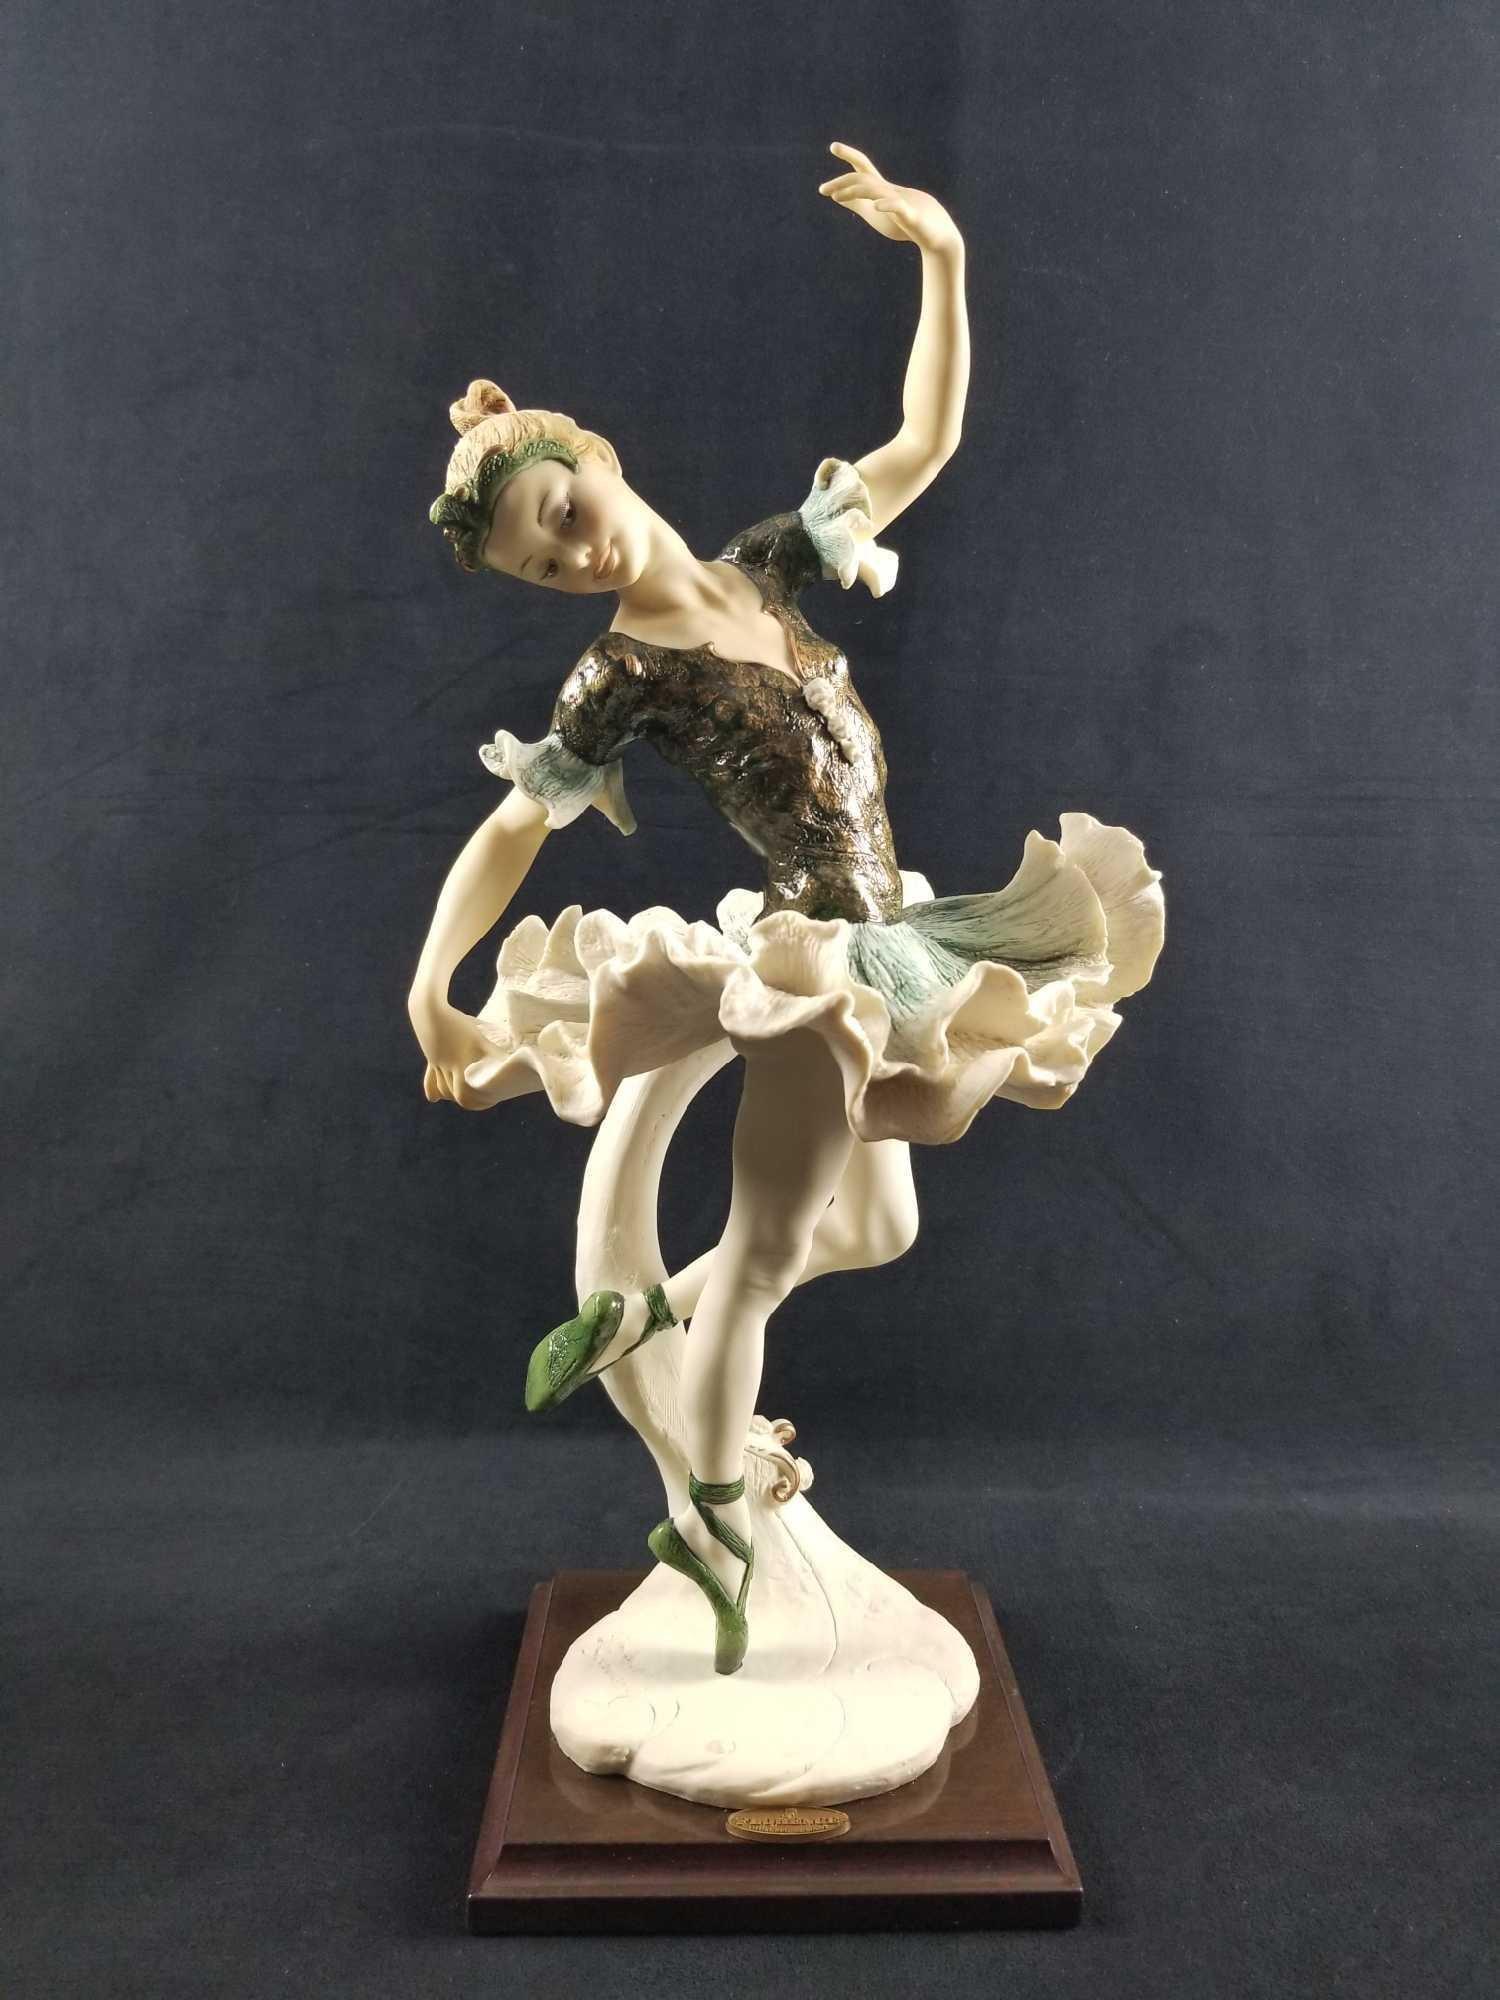 Vintage 1973 Armani Florence Giuseppe Figurine